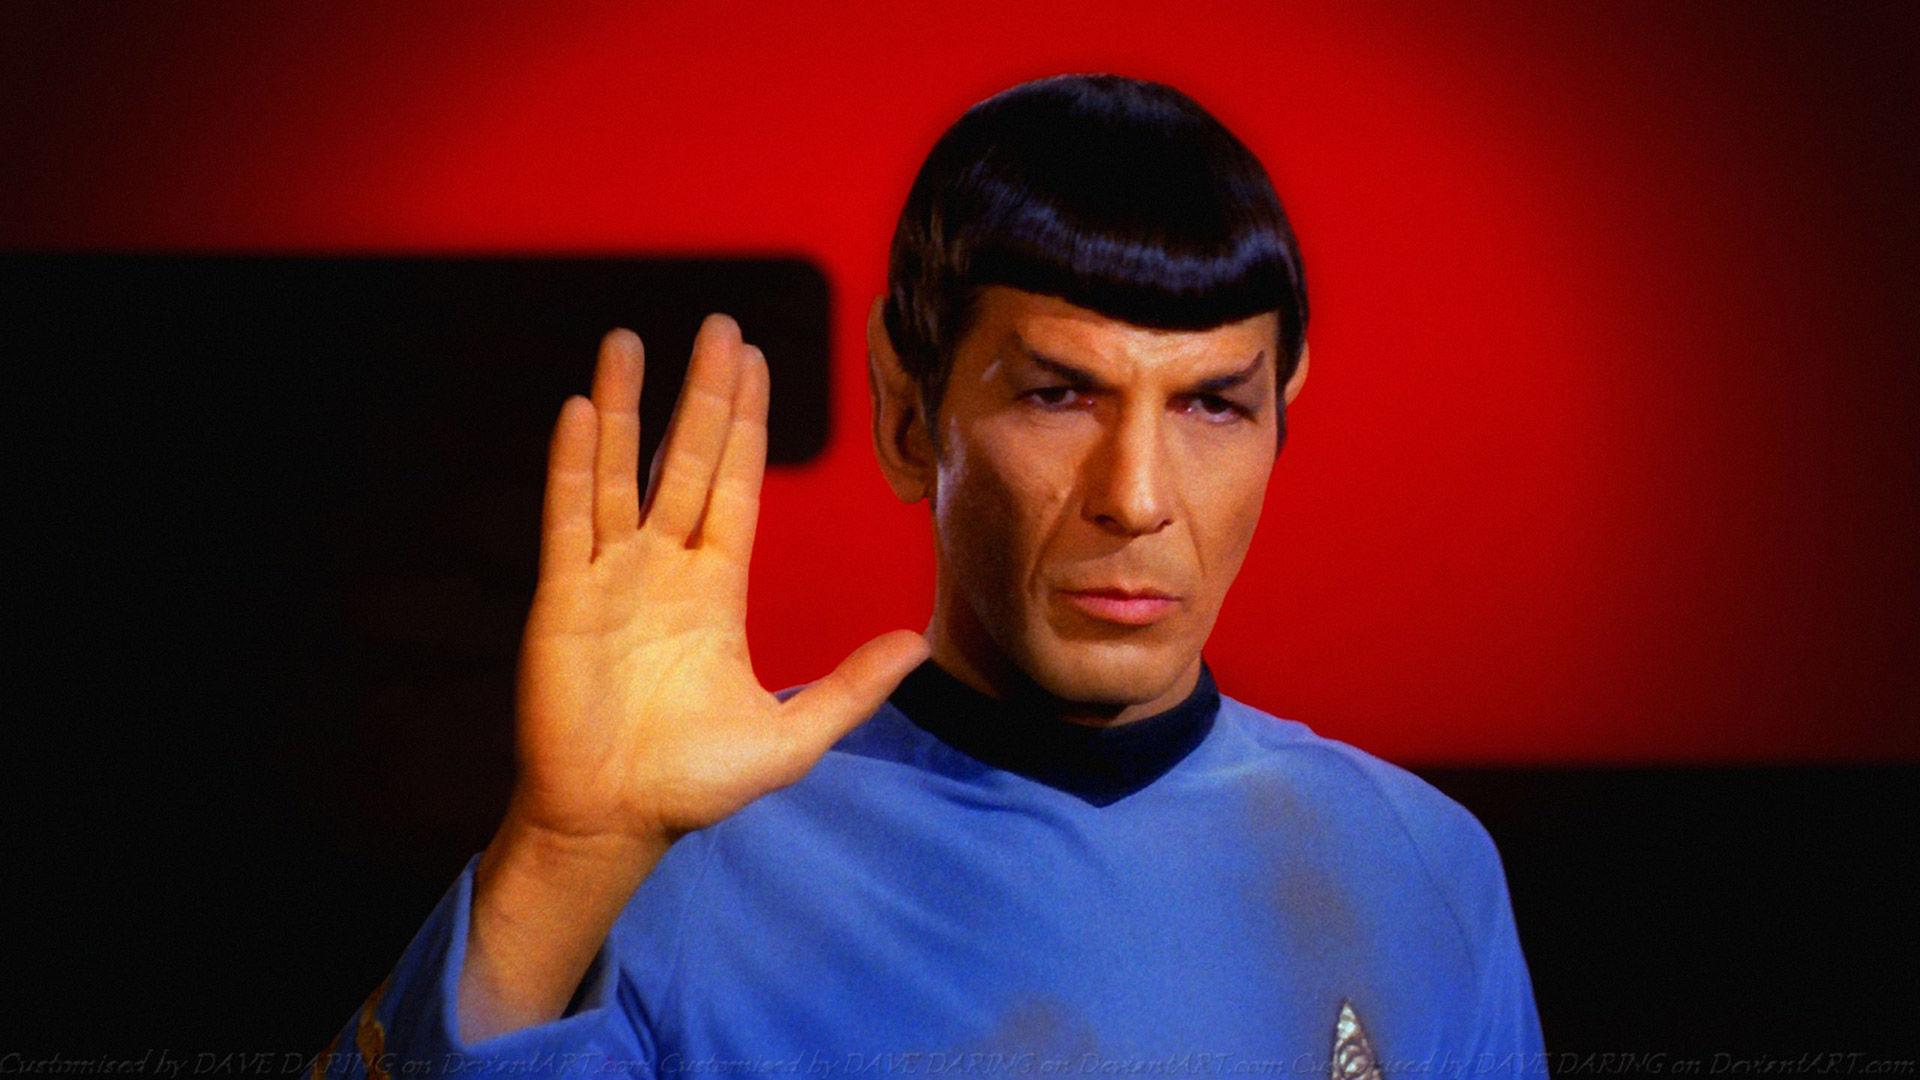 Tut i luren - Star Trek fyller 50 år idag!